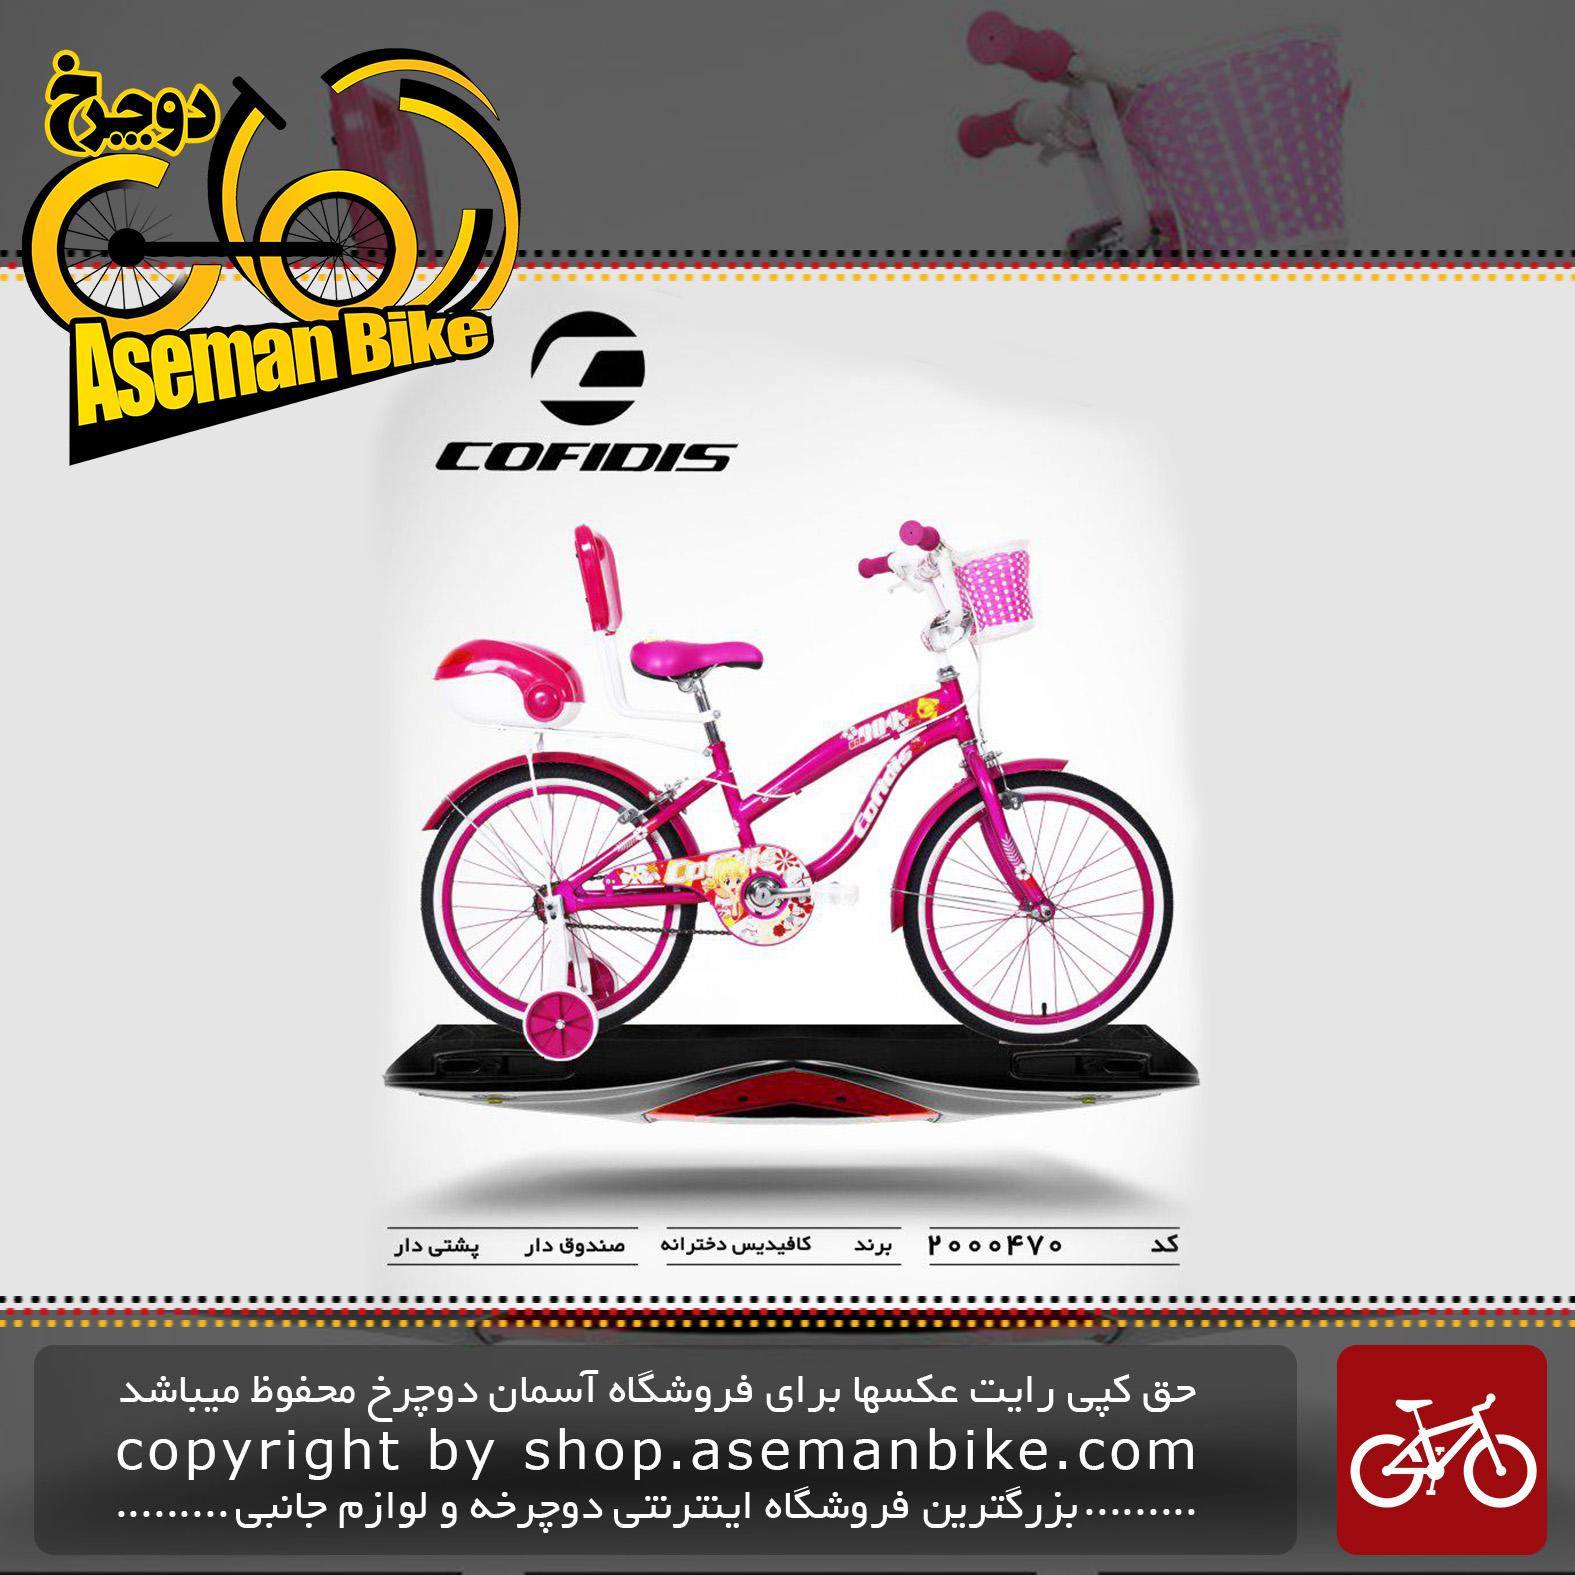 دوچرخه کافیدیس تایوان دخترانه صندوق و سبد دار مدل 470 سایز 20 COFIDIS Bicycle 470 Size 20 2019